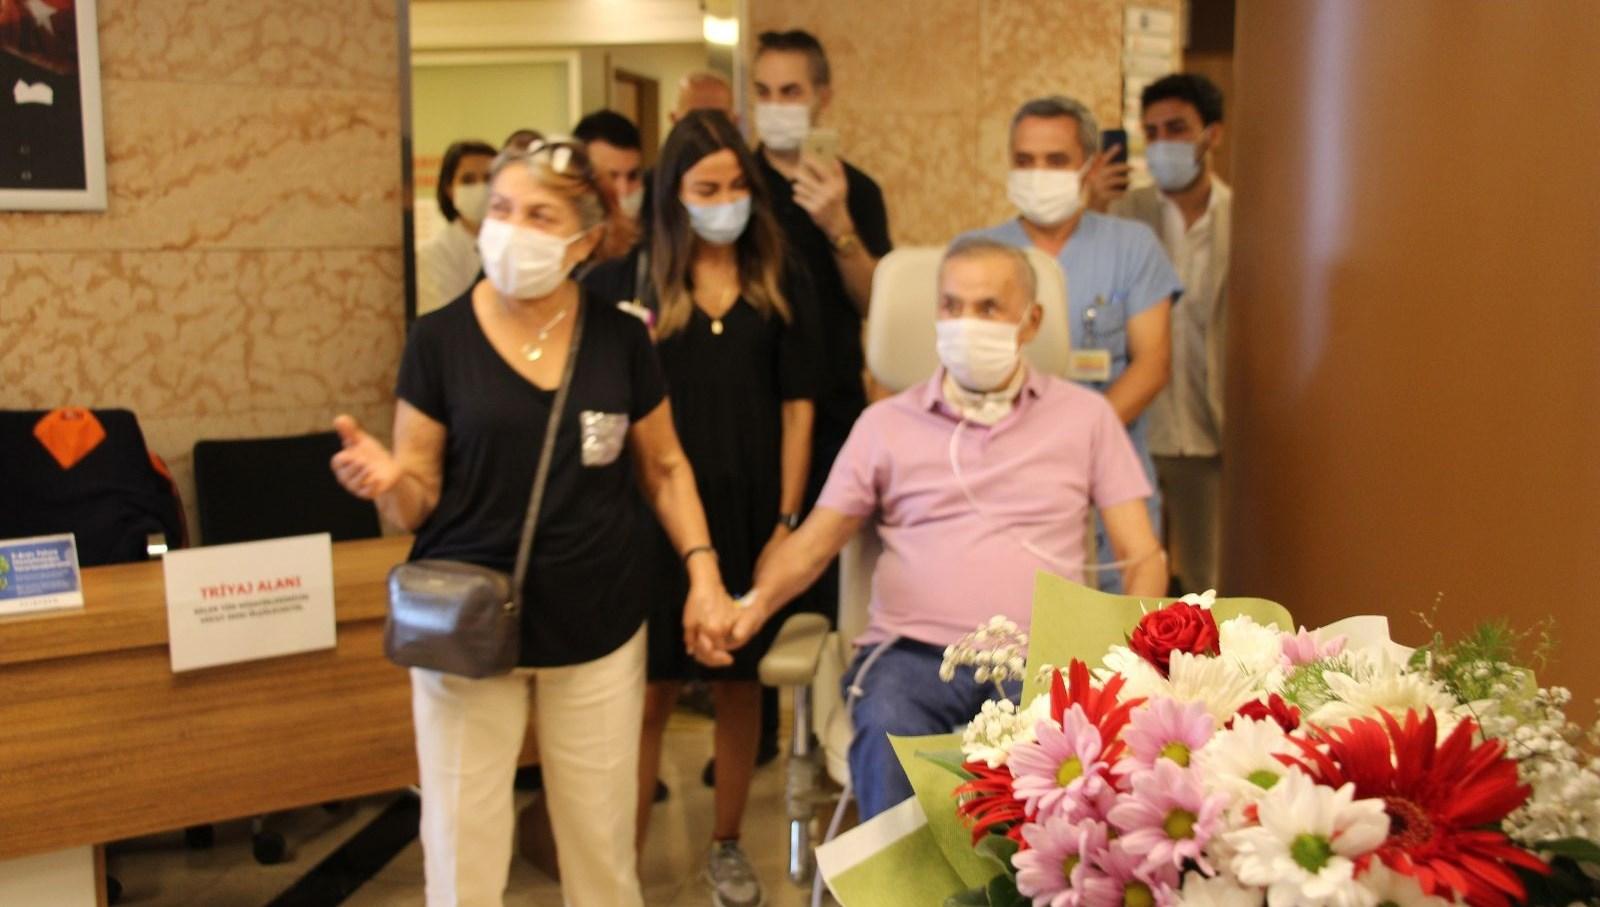 4 ay sonra yoğun bakımdan çıkan corona hastası: Neden herkes maskeli?